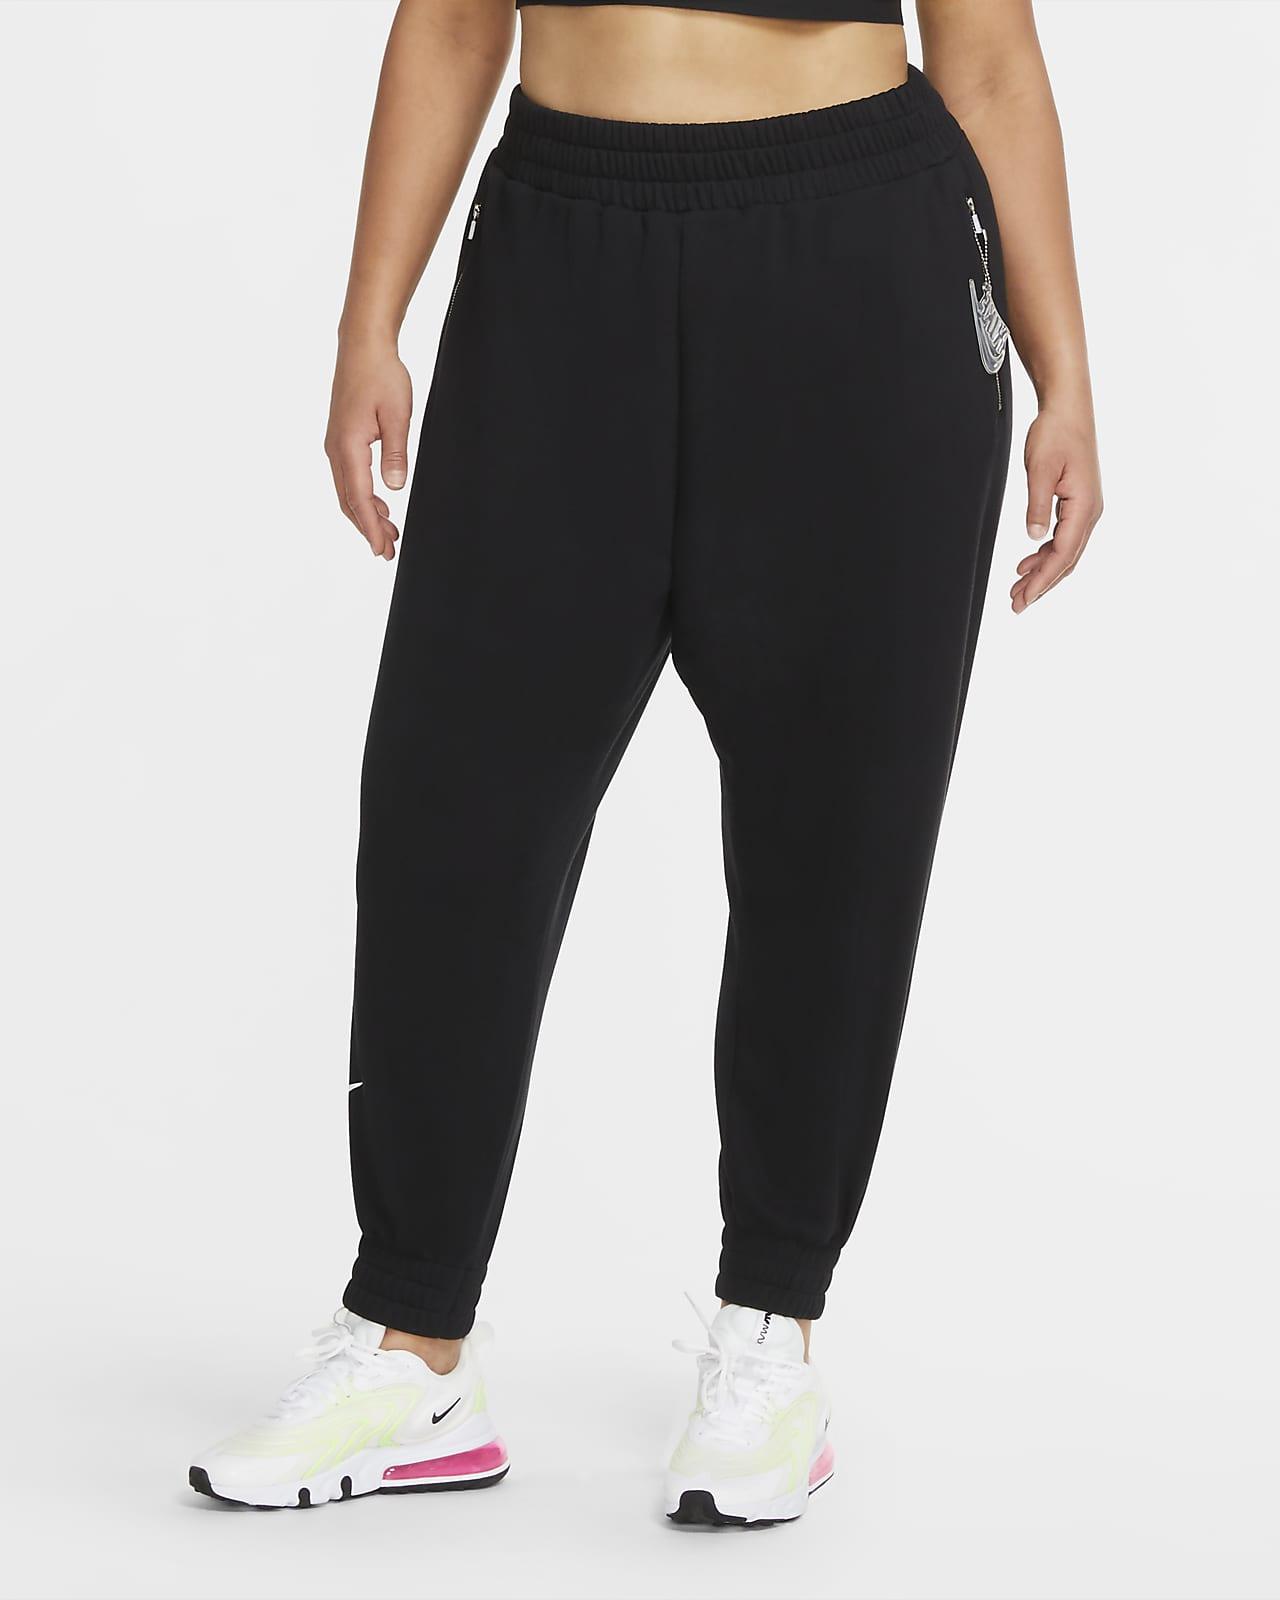 Nike Air Women's 7/8 Fleece Trousers (Plus Size)